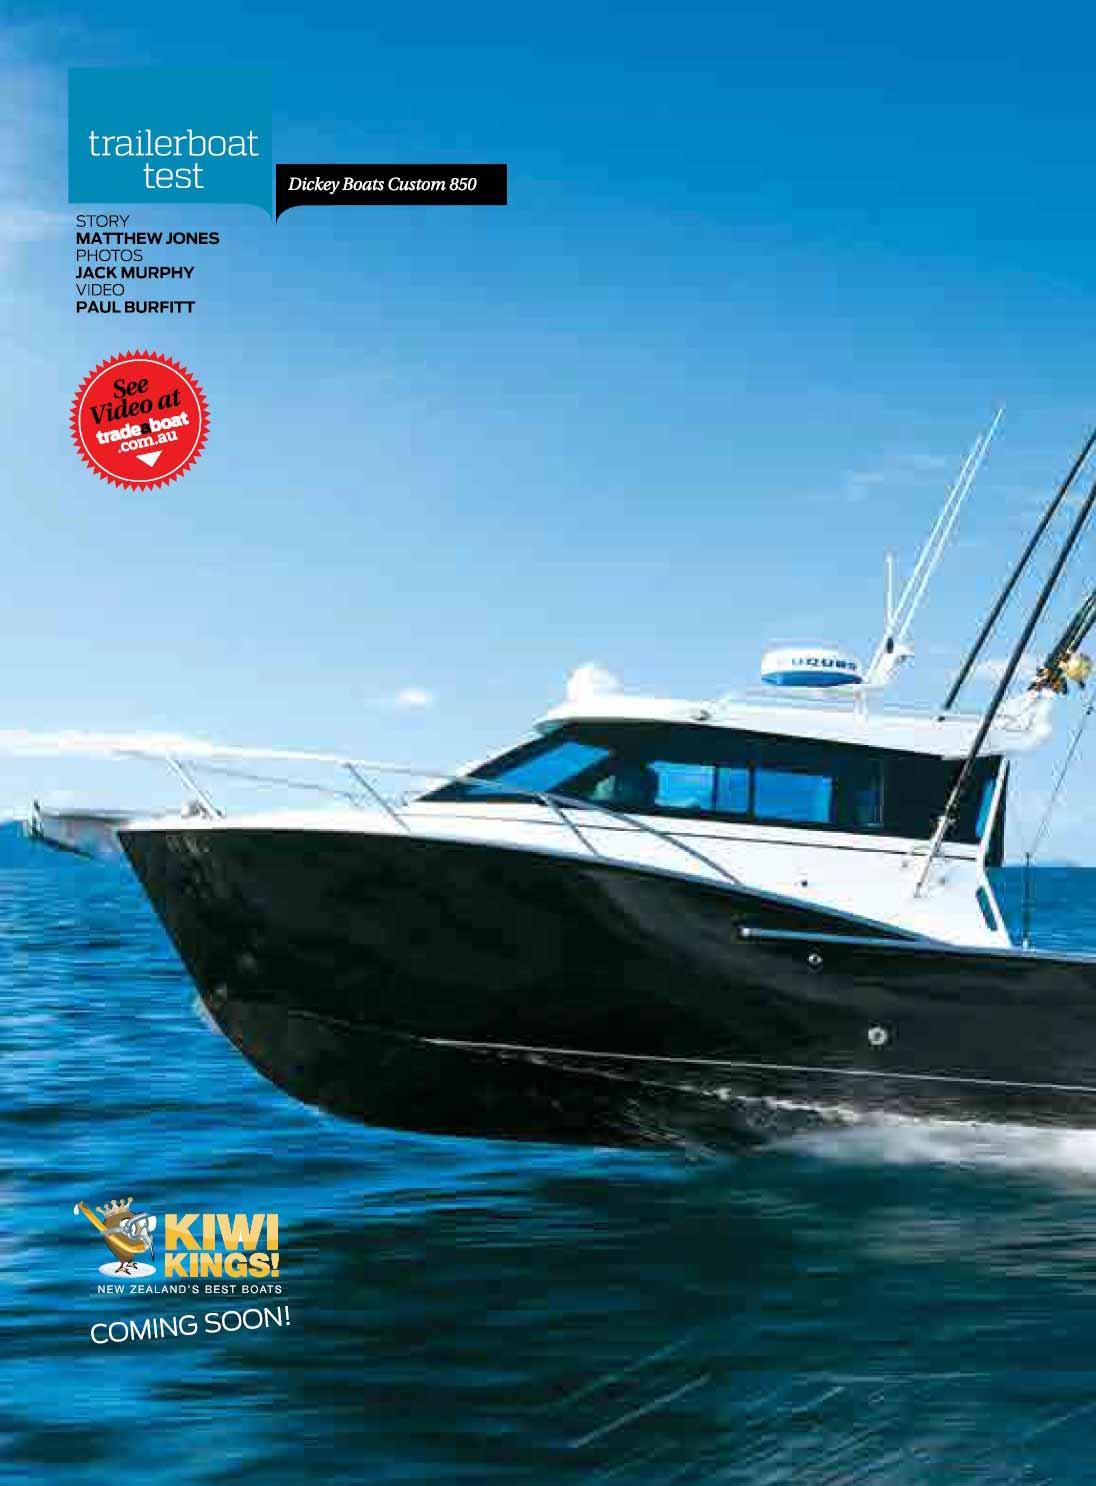 Dickey Boats Custom 850 review - TradeaBoat Oz